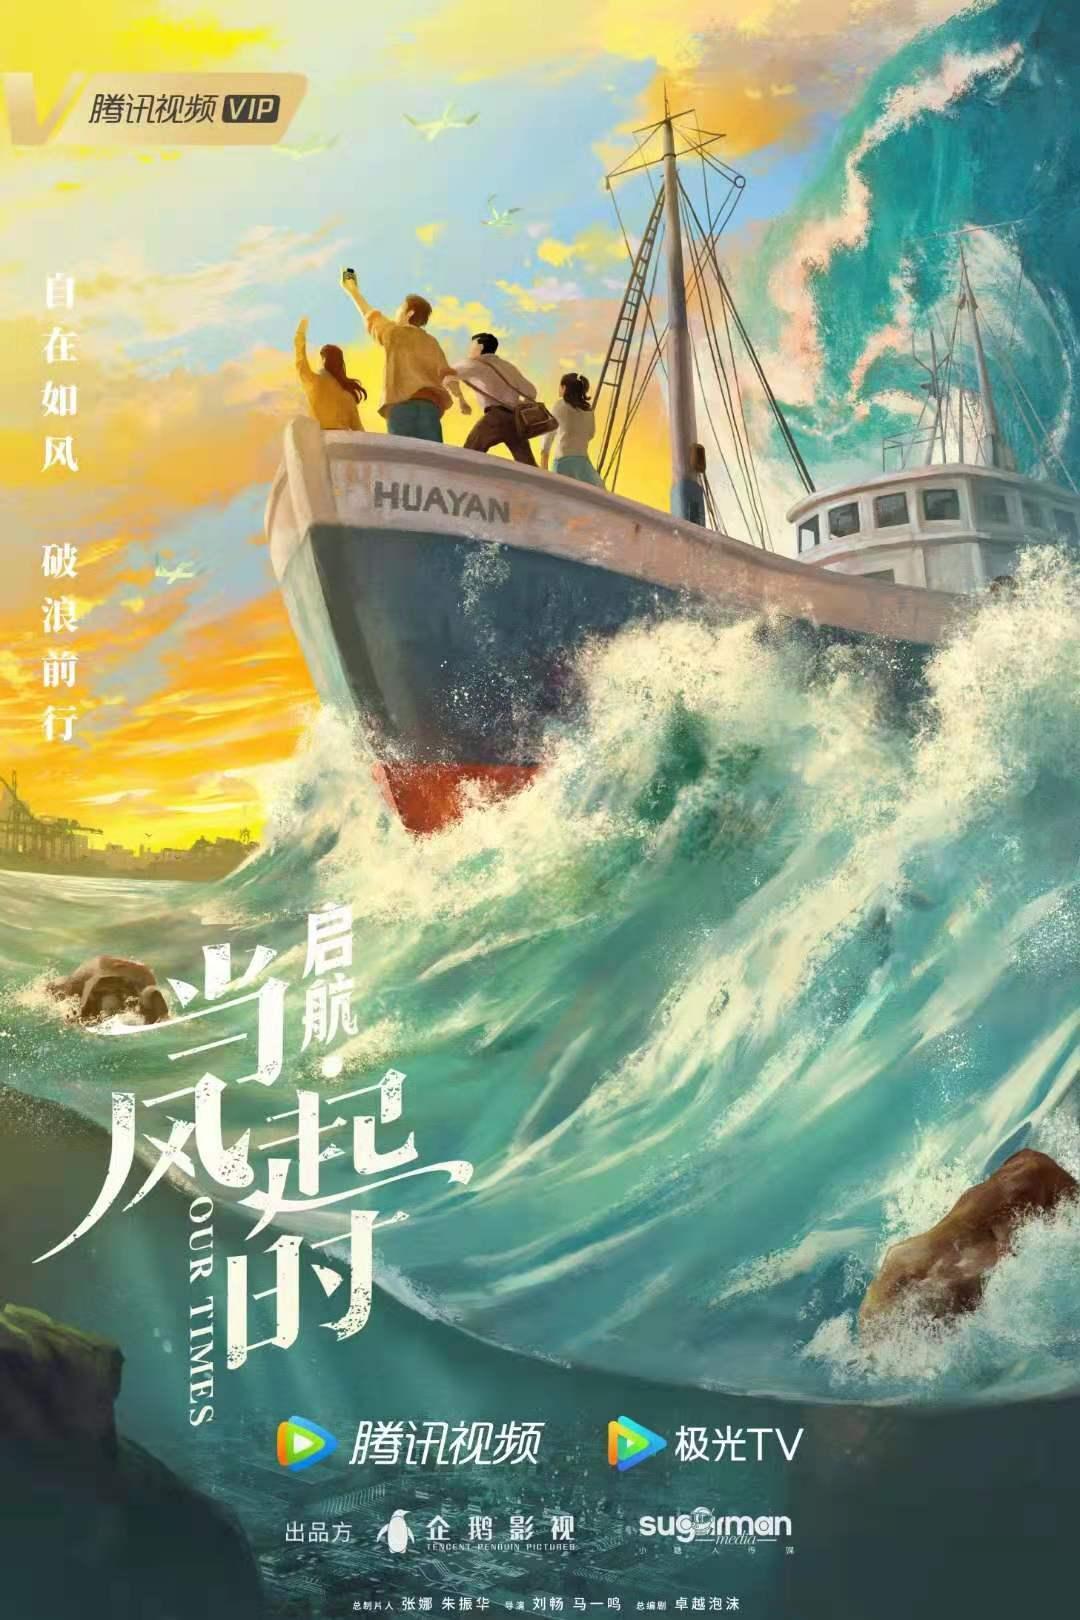 启航:当风起时百度网盘【HD1080p】高清国语